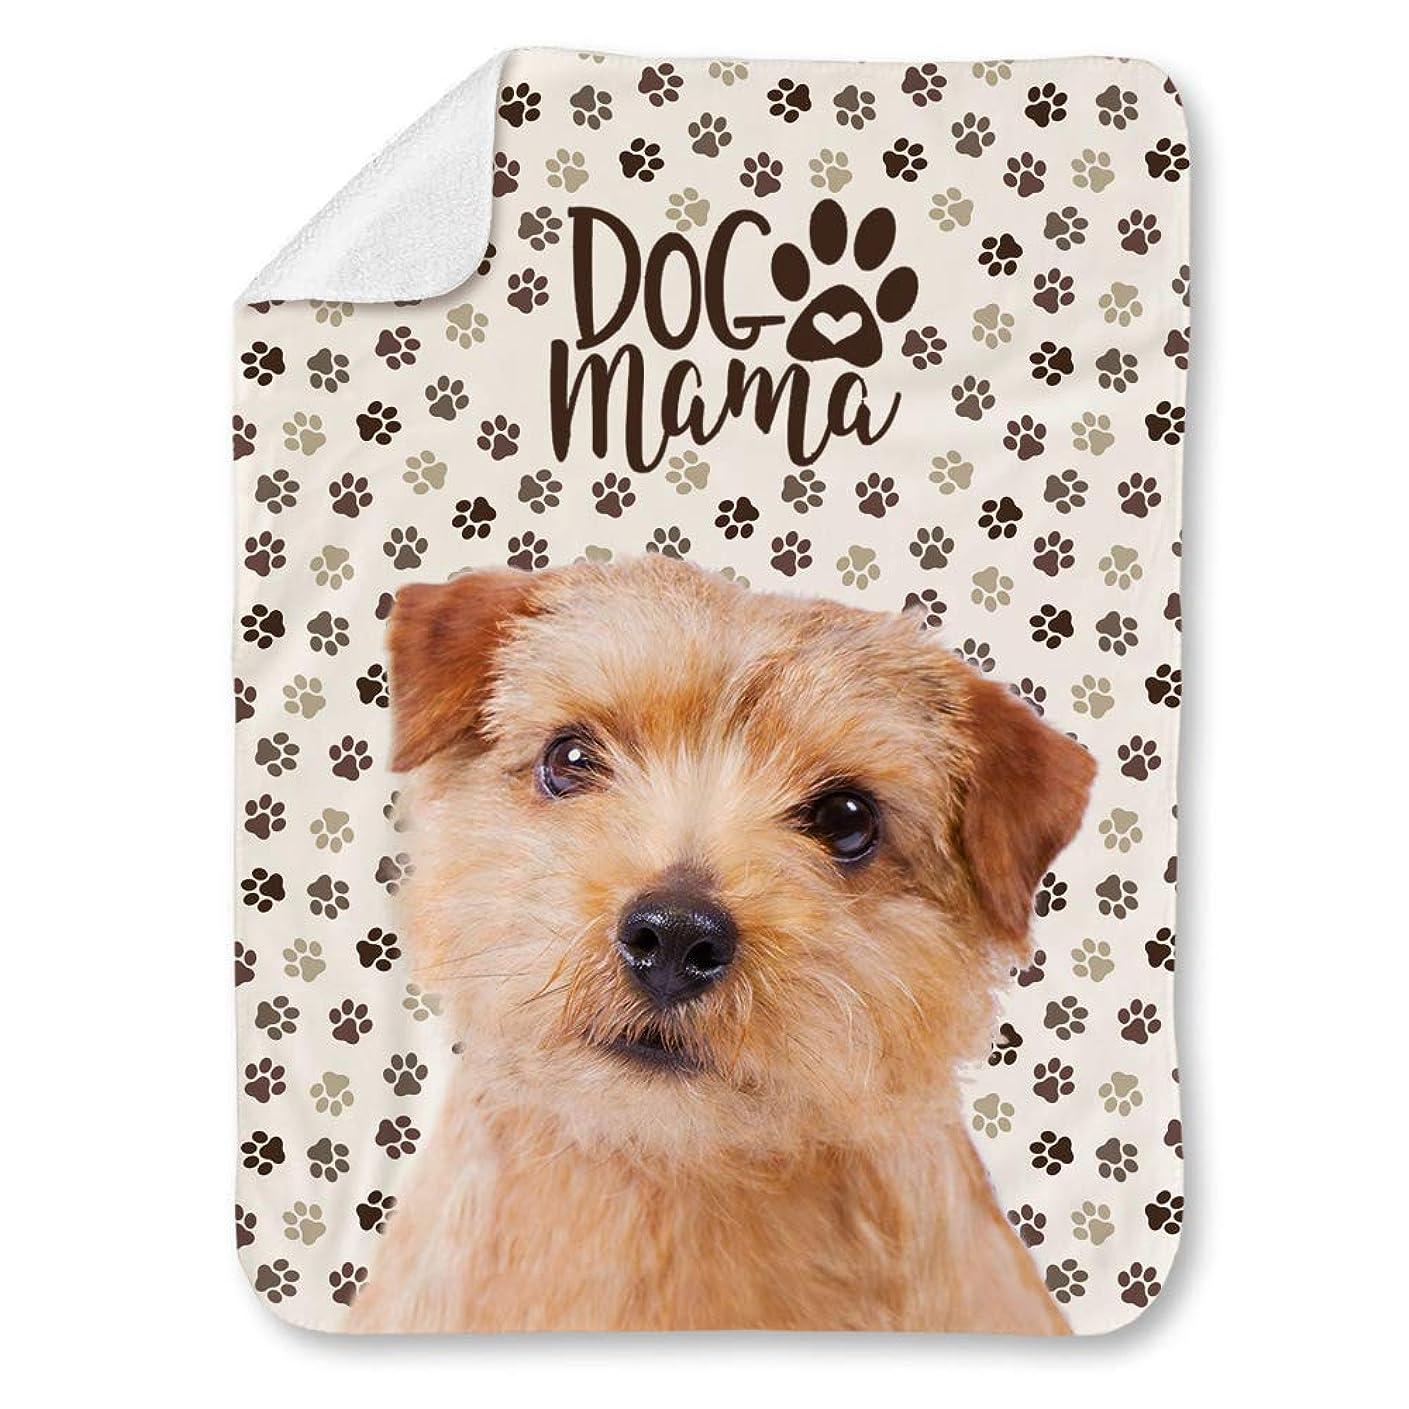 ミット明るくするアトミックNorfolk Terrier Dog ノーフォーク テリア 犬柄 印刷 可愛い犬の足跡 毛布 ブランケット ひざ掛け 掛け毛布 敷きパッド 掛け布団 80cmX120cm 保温力 暖かい 四季適用 静電防止 [並行輸入品]